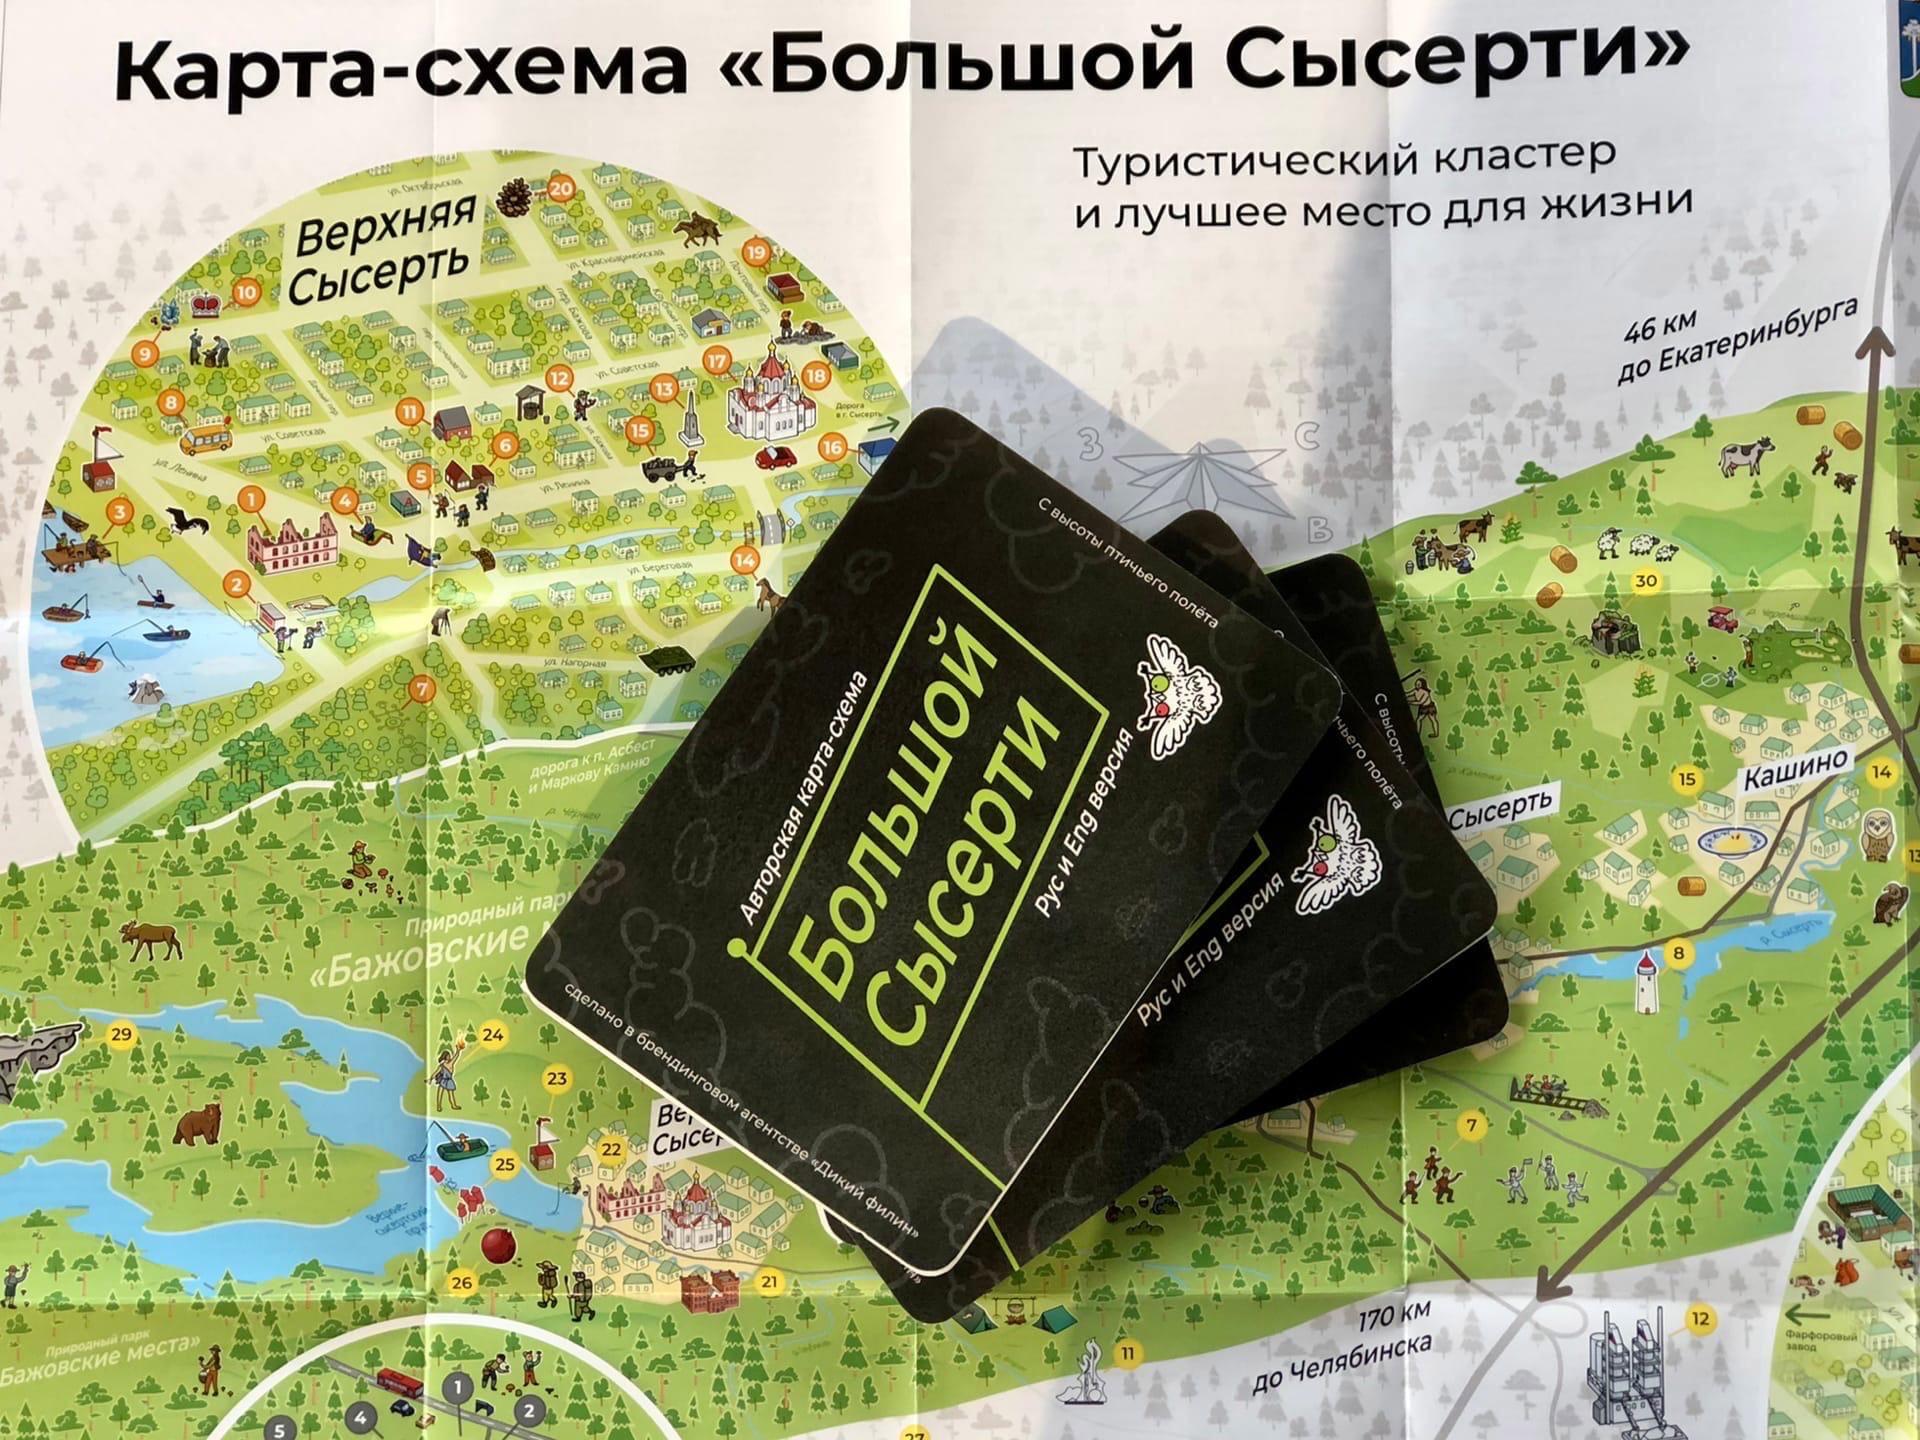 Карта-схема «Большая Сысерть»